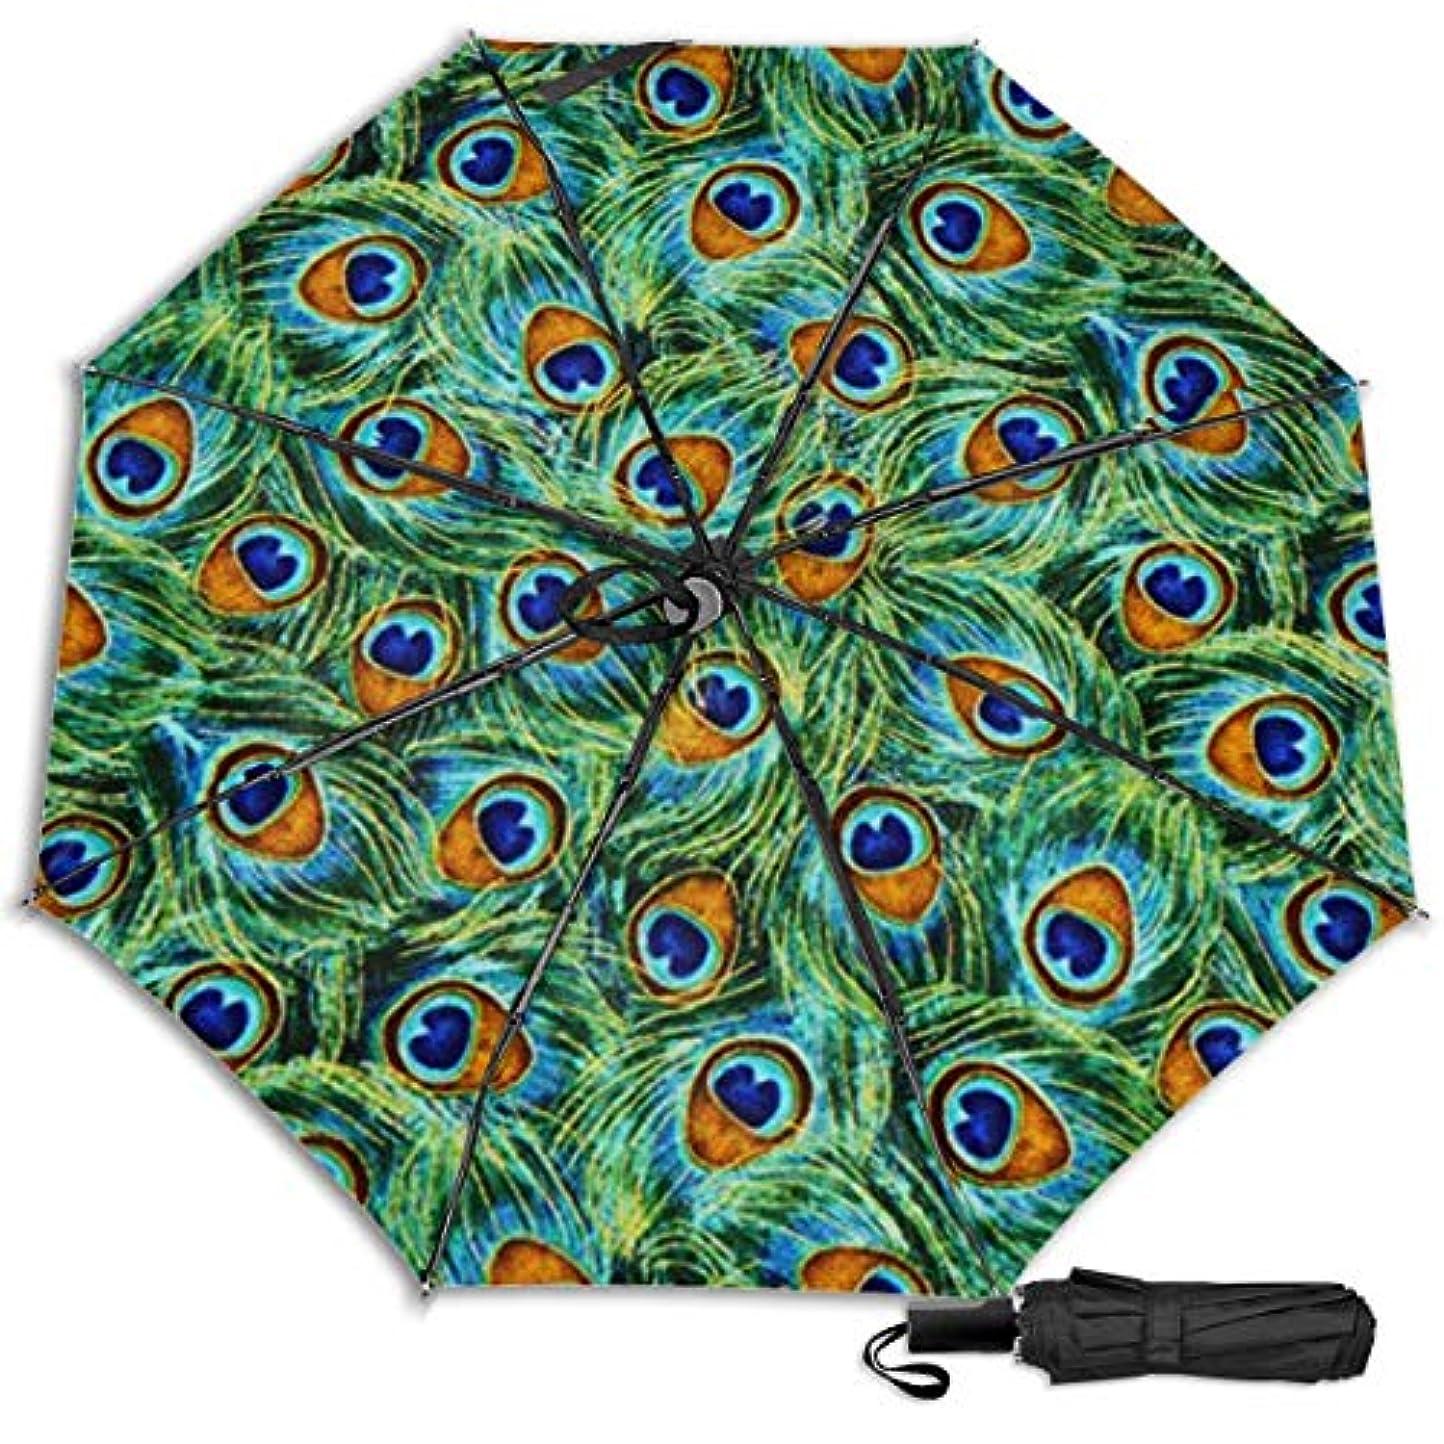 ページェント着実にきれいに緑の孔雀の羽日傘 折りたたみ日傘 折り畳み日傘 超軽量 遮光率100% UVカット率99.9% UPF50+ 紫外線対策 遮熱効果 晴雨兼用 携帯便利 耐風撥水 手動 男女兼用